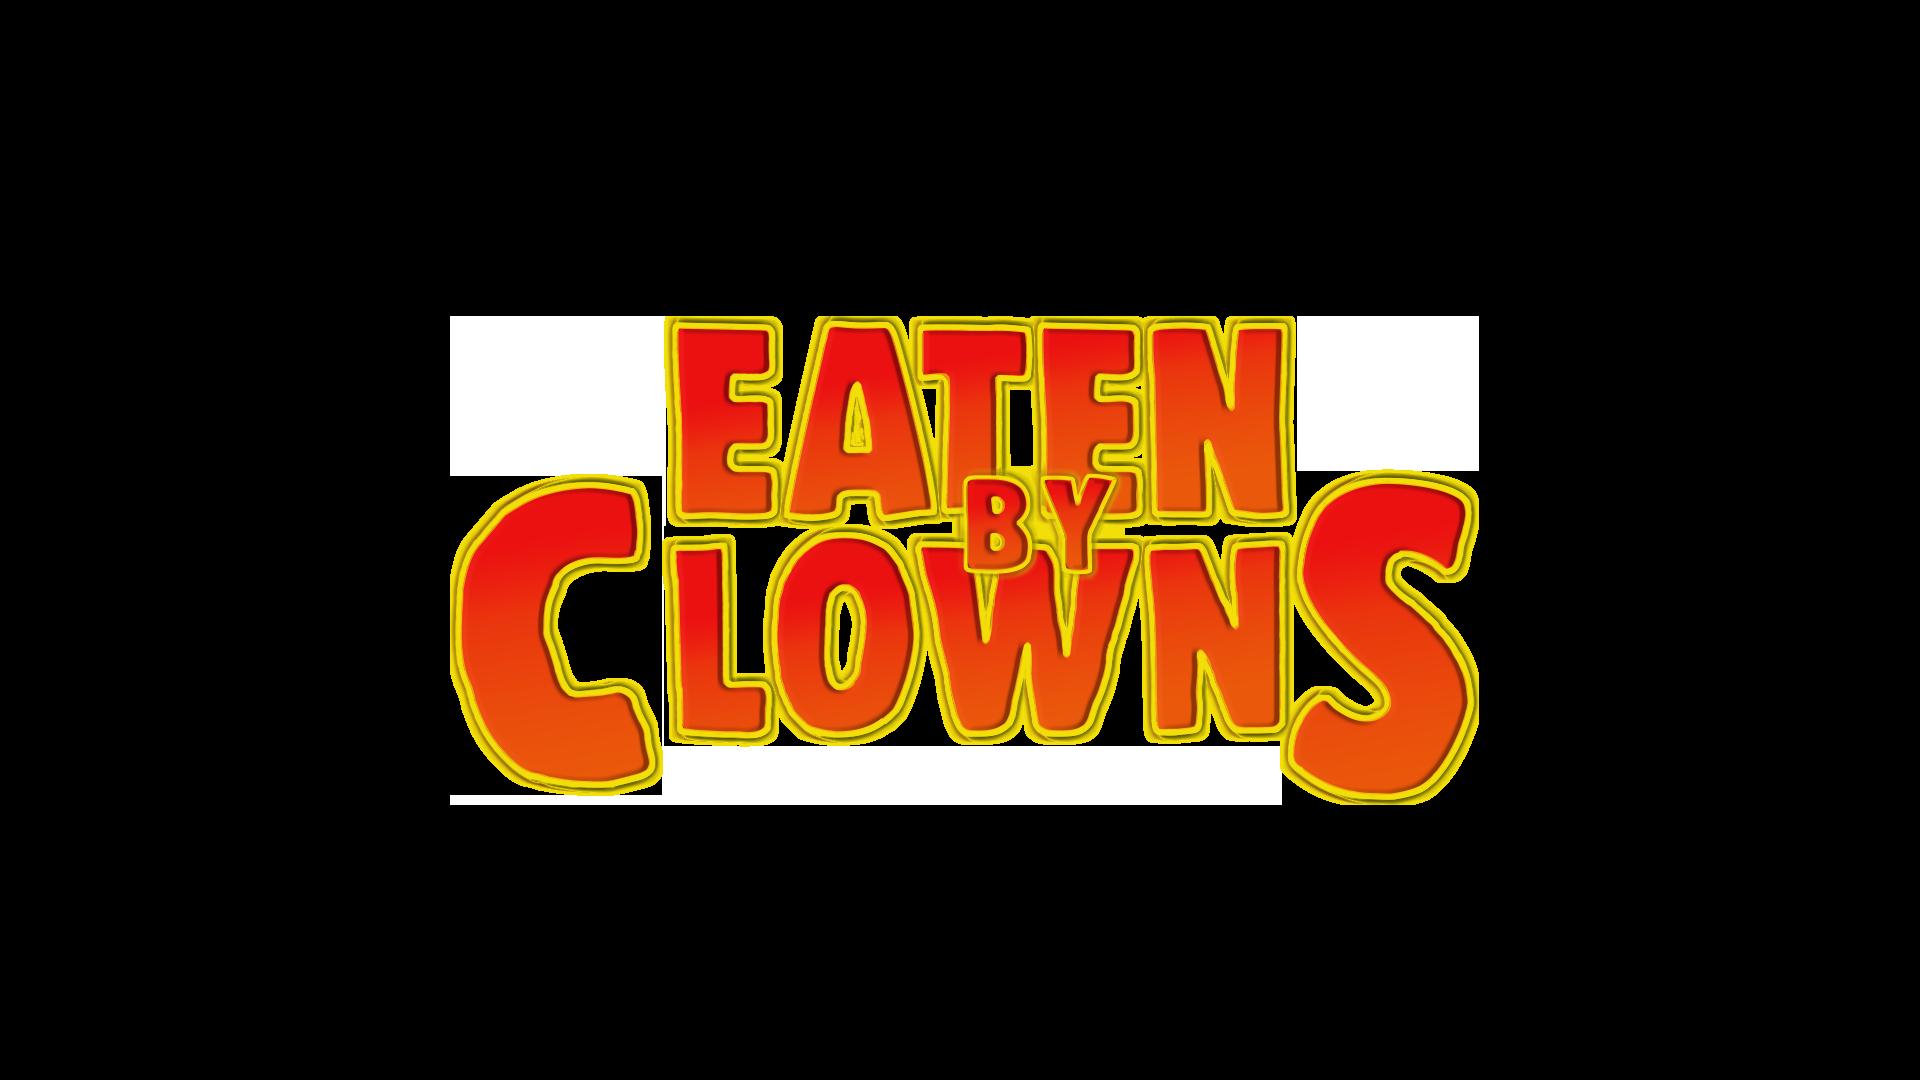 Eaten By Clowns